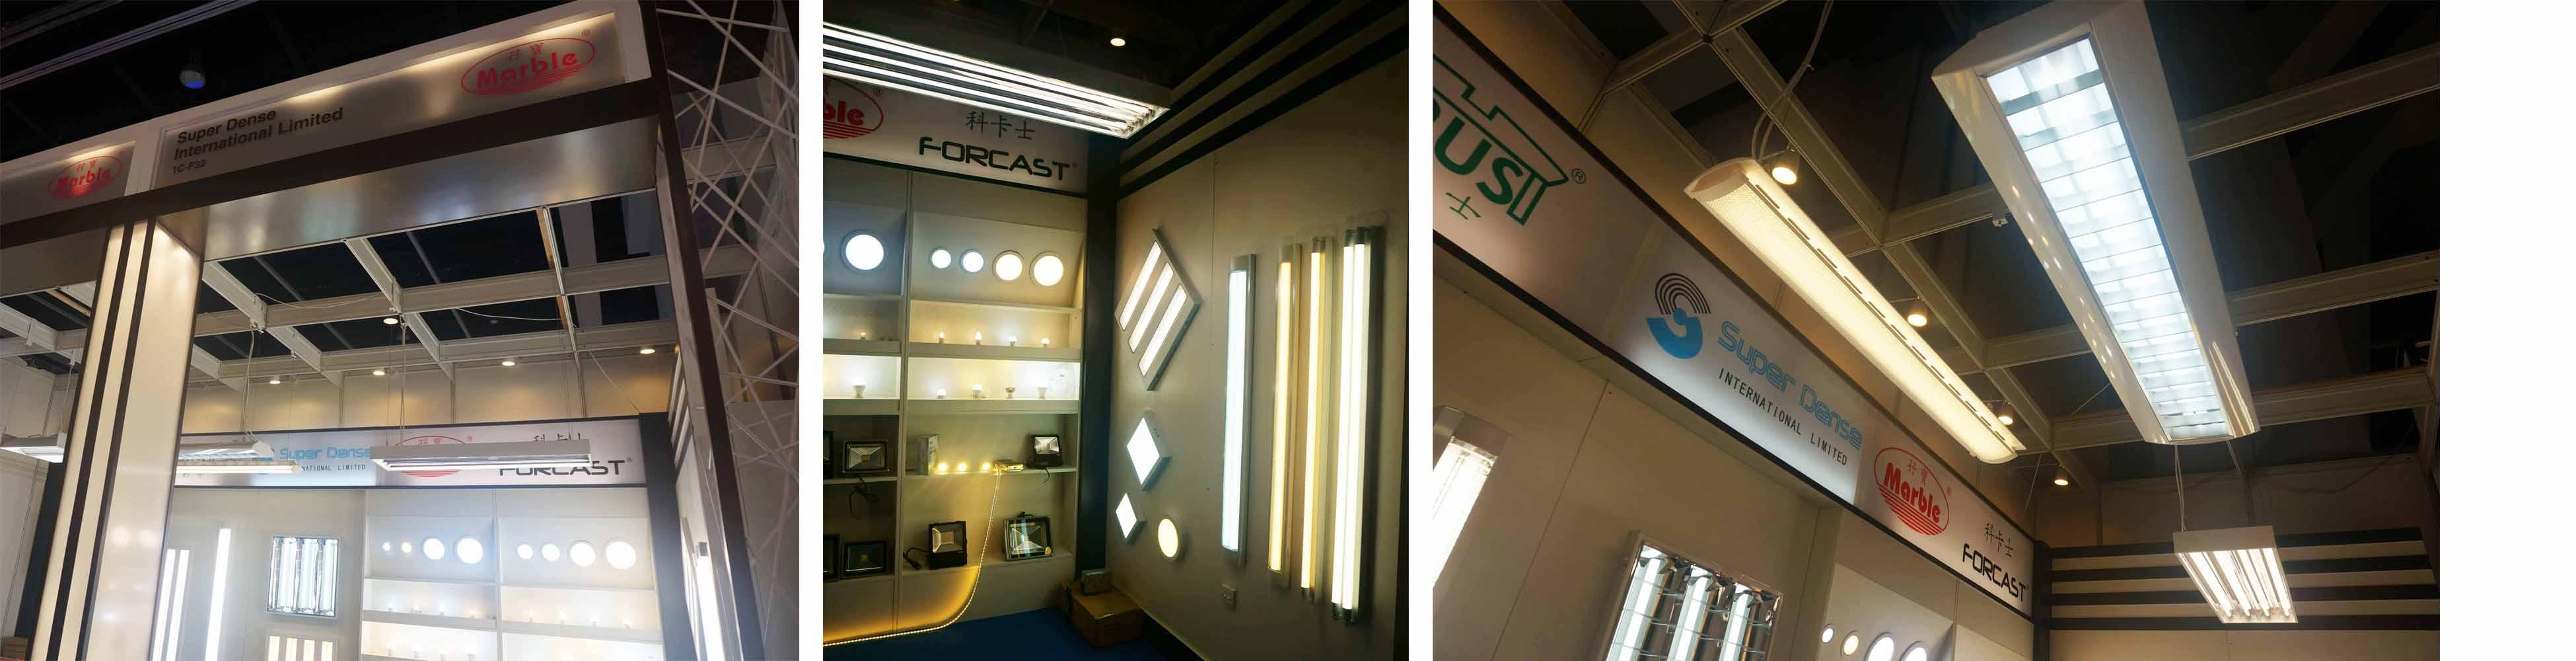 exhibition-hk-2